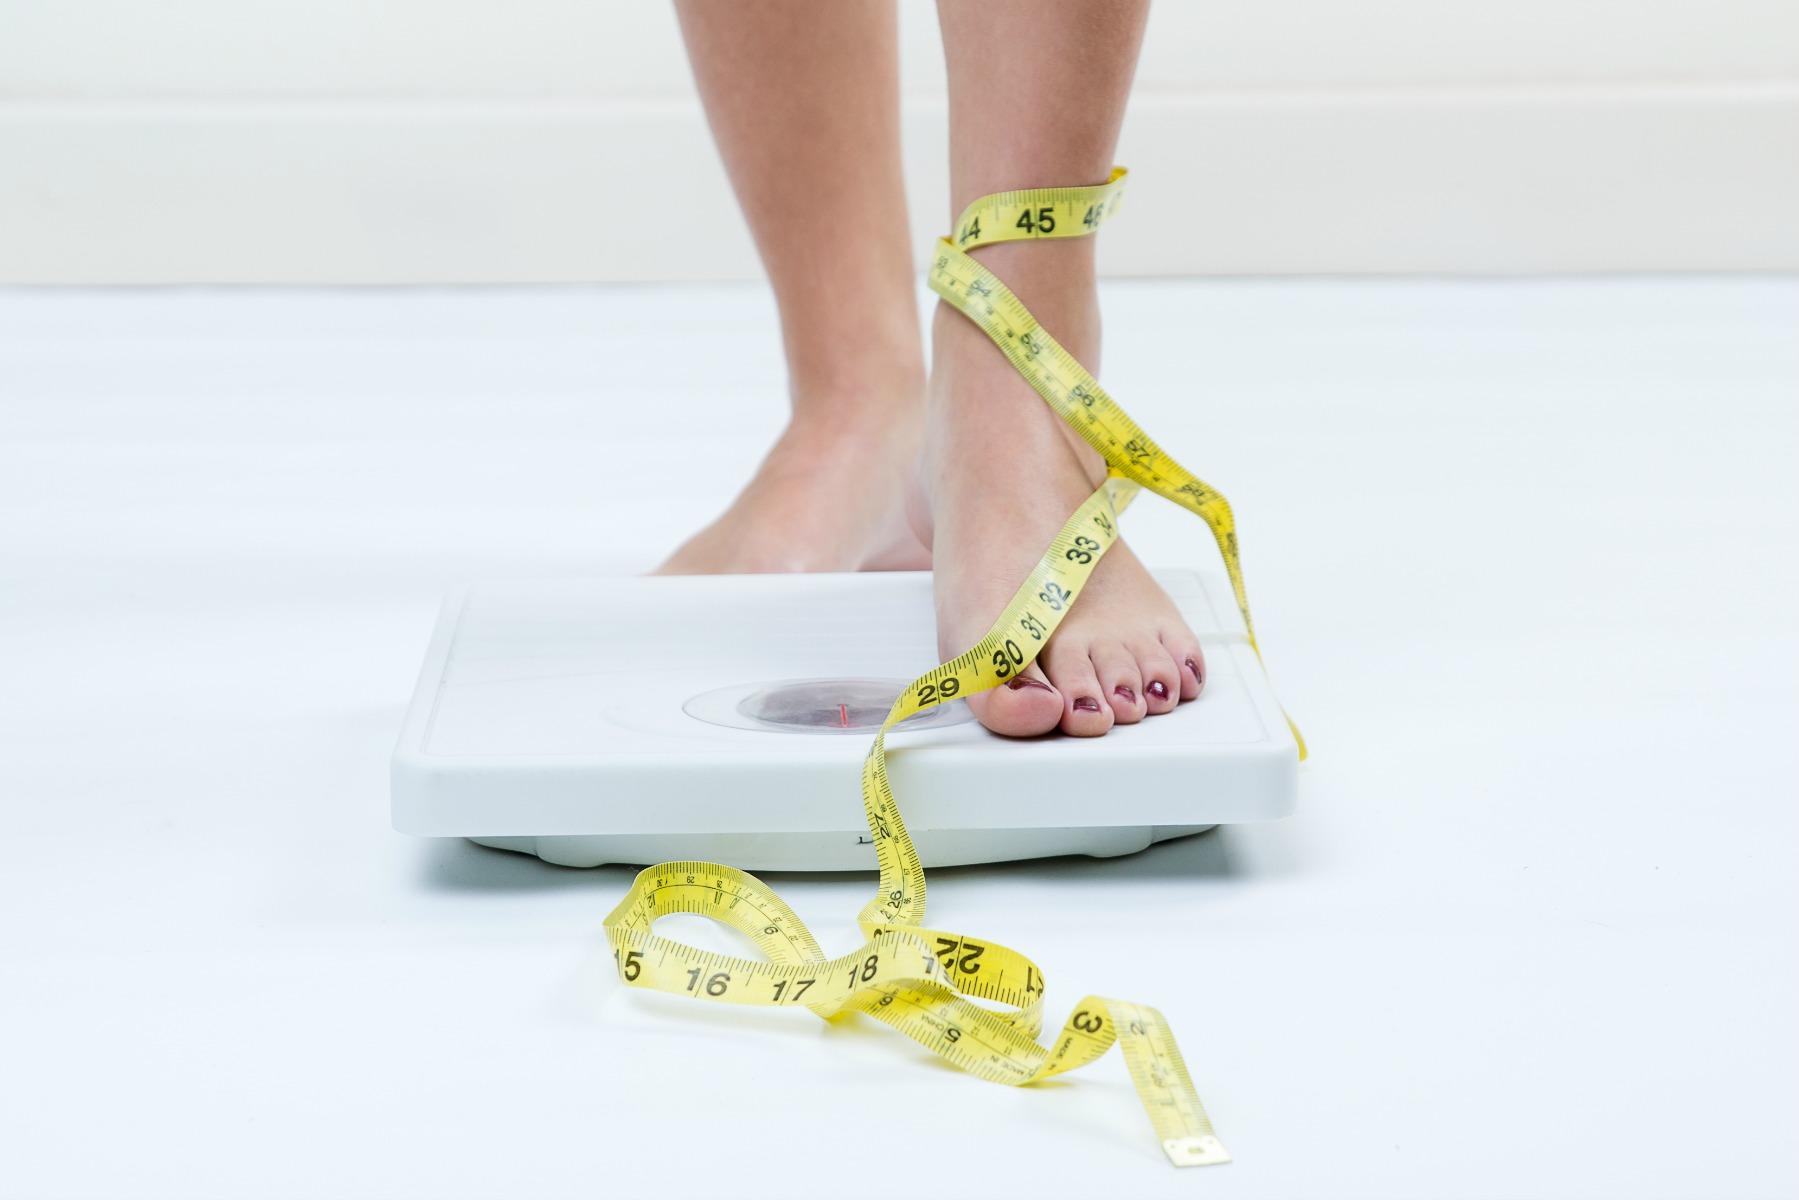 badevægt, vægt, vægttab, kilo, slankekur, news, nyheder